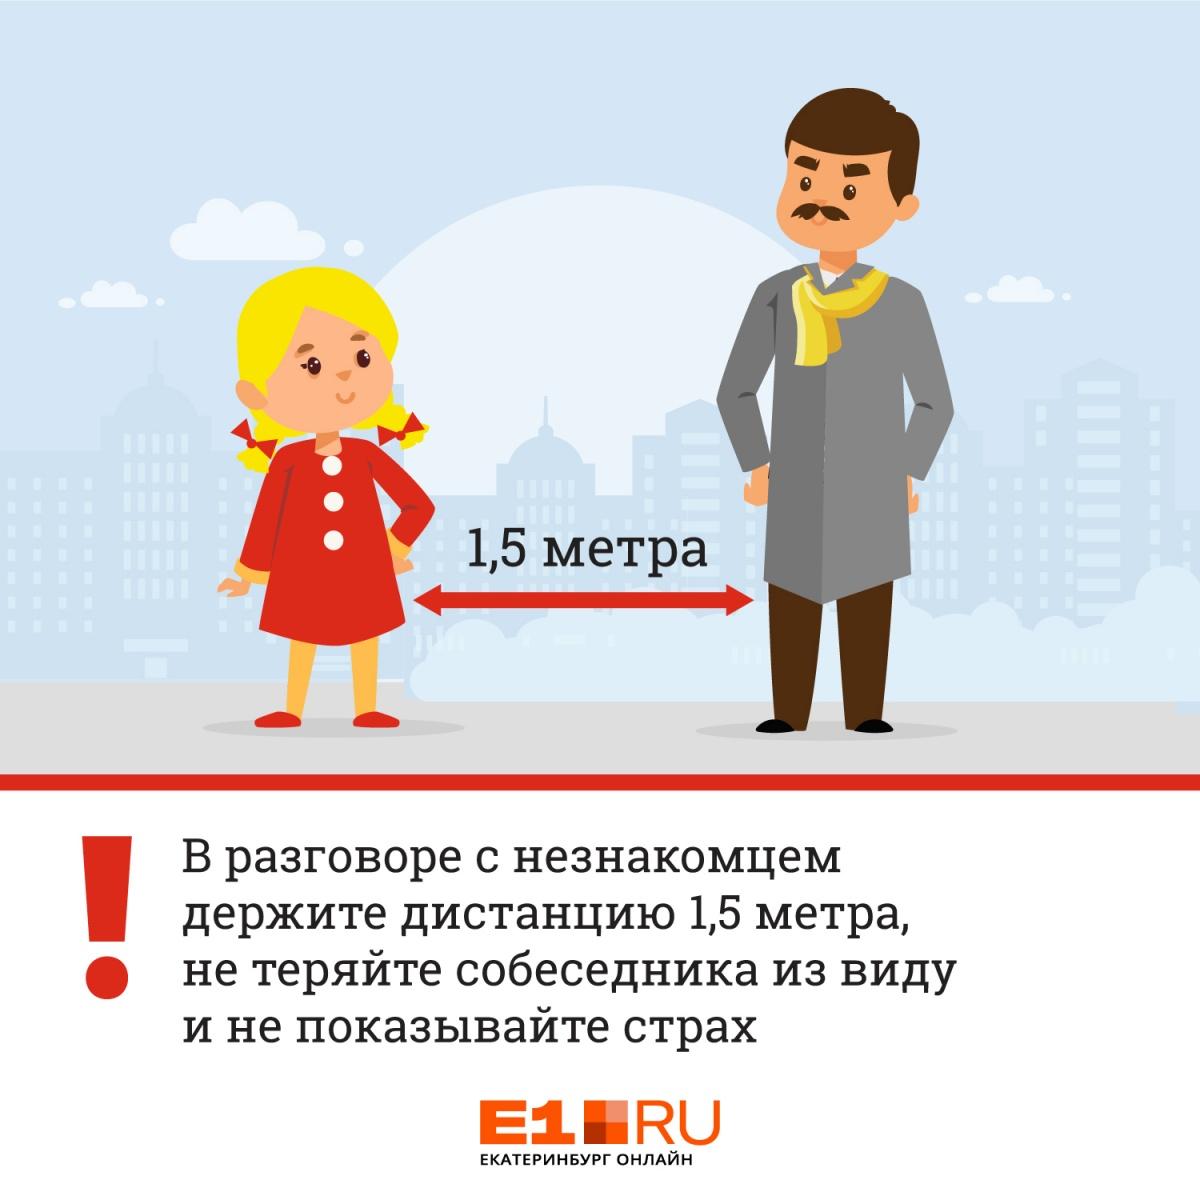 Не верь, не бойся, убегай:чего стоит опасаться ребенку на улице и как он может себя защитить